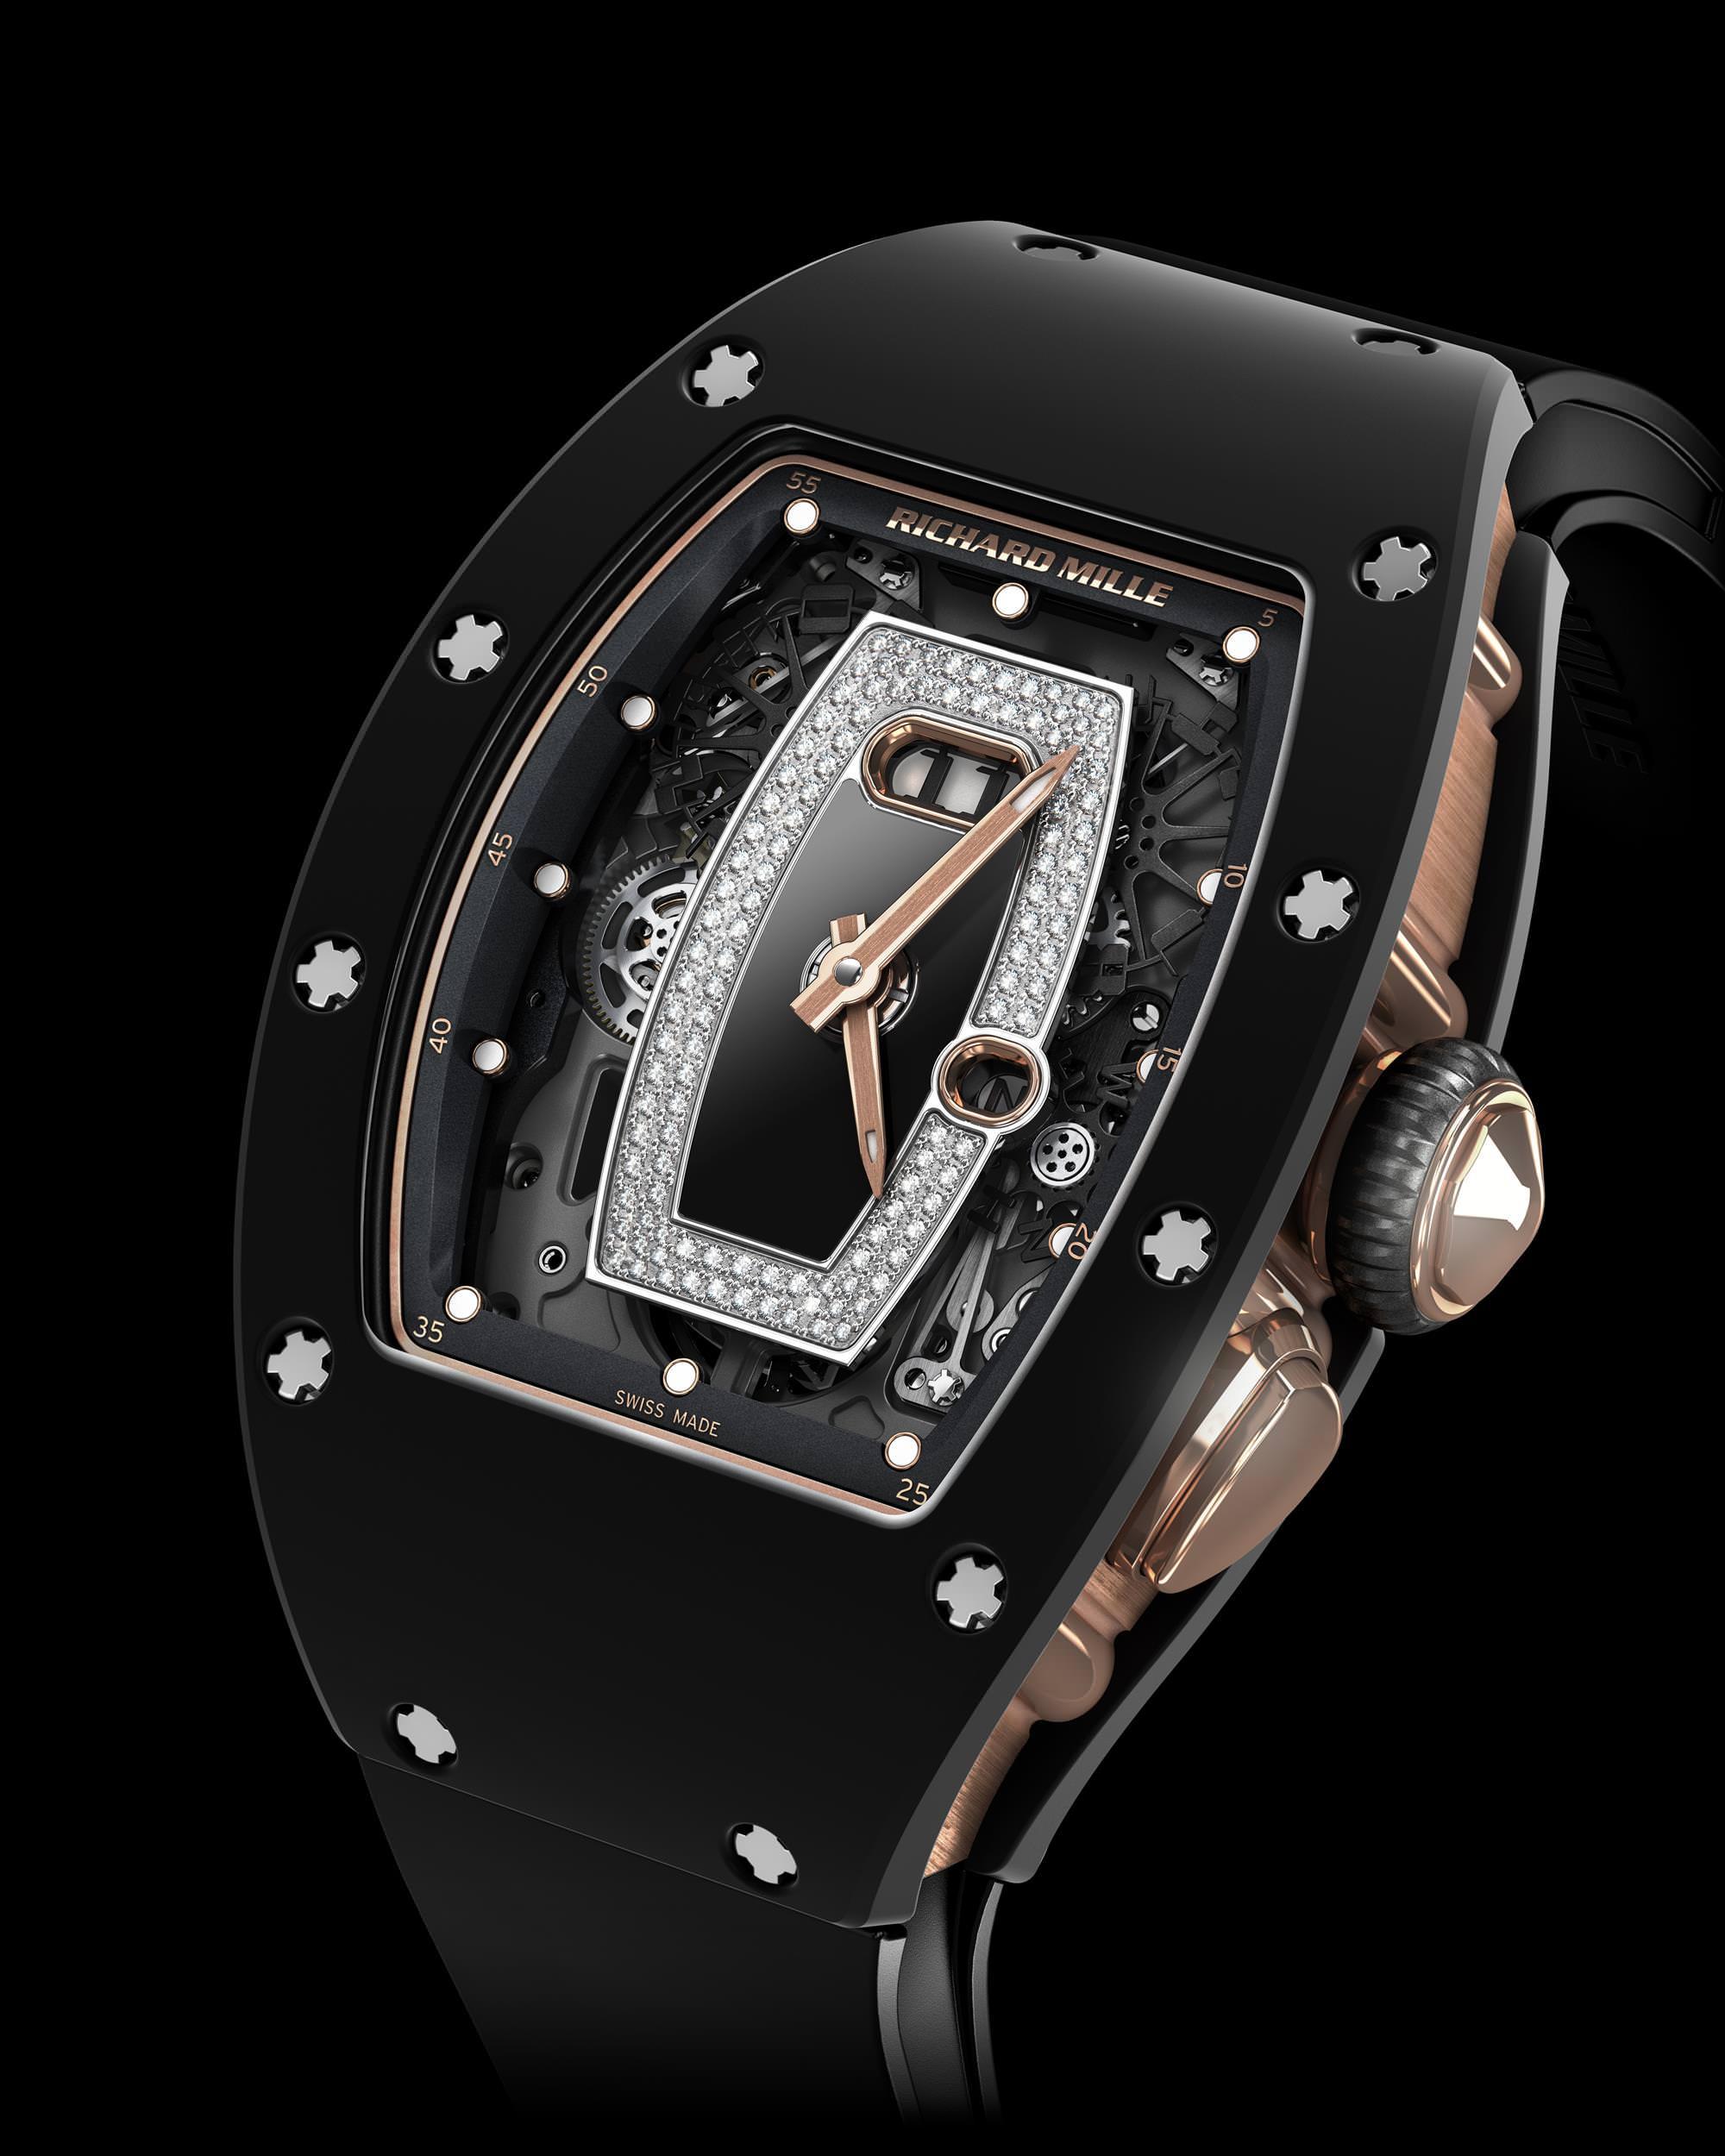 Die Richard Mille RM 037